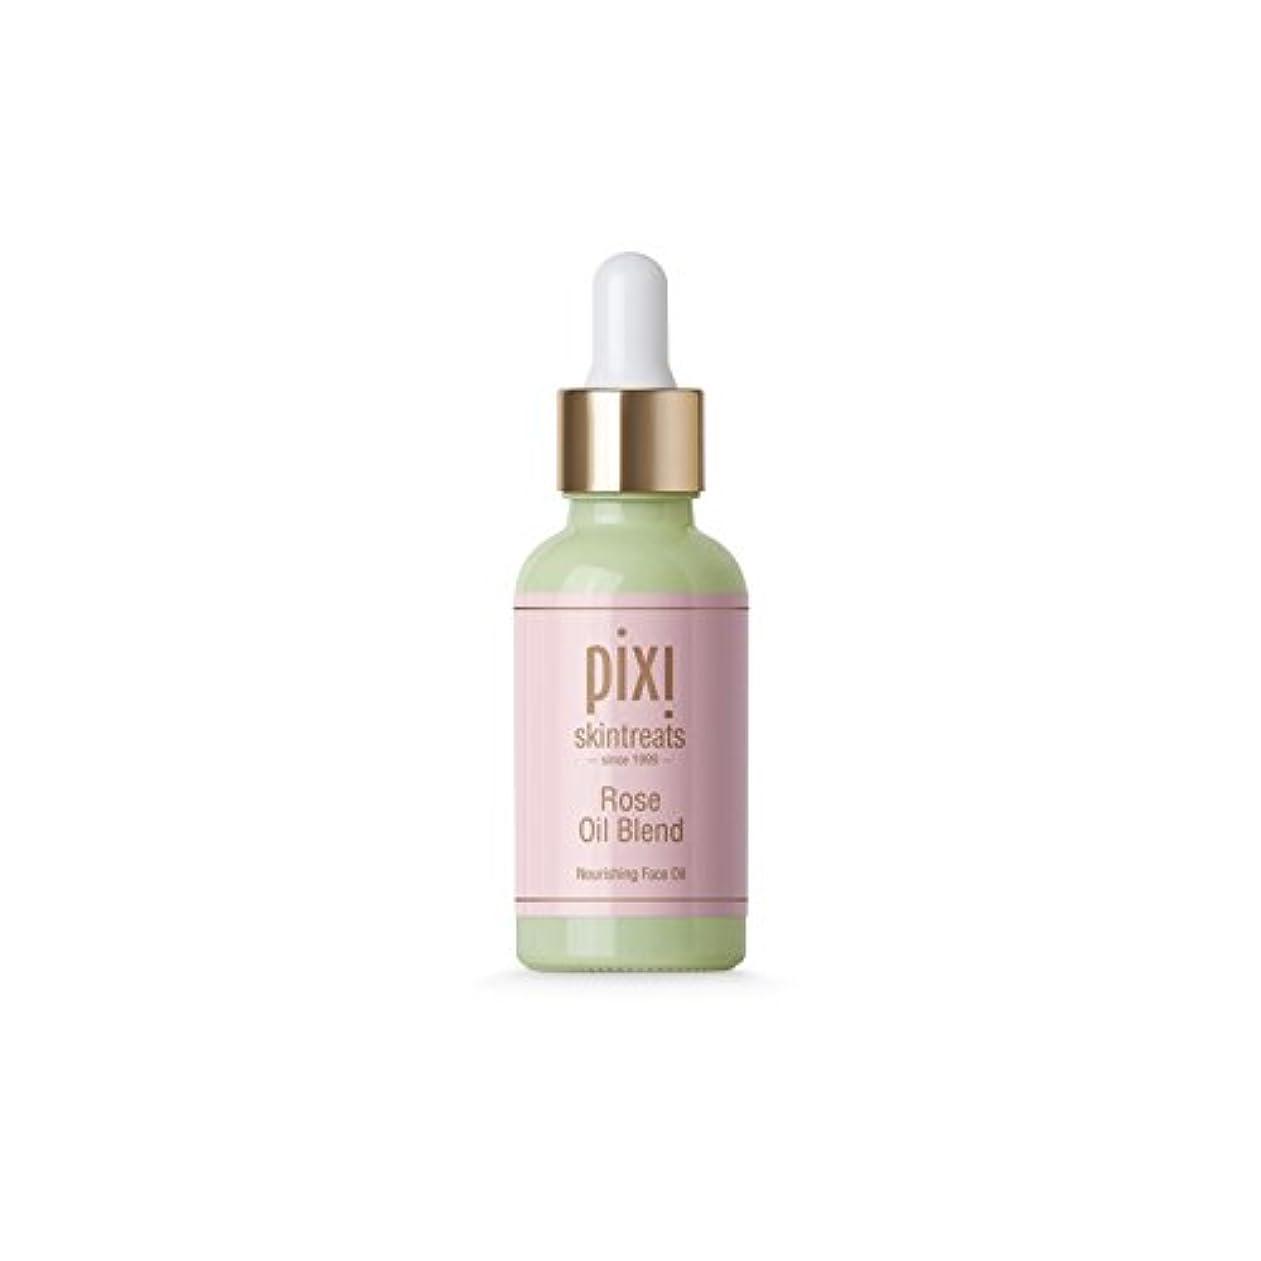 採用する不完全昆虫は、油ブレンドをバラ x2 - Pixi Rose Oil Blend (Pack of 2) [並行輸入品]